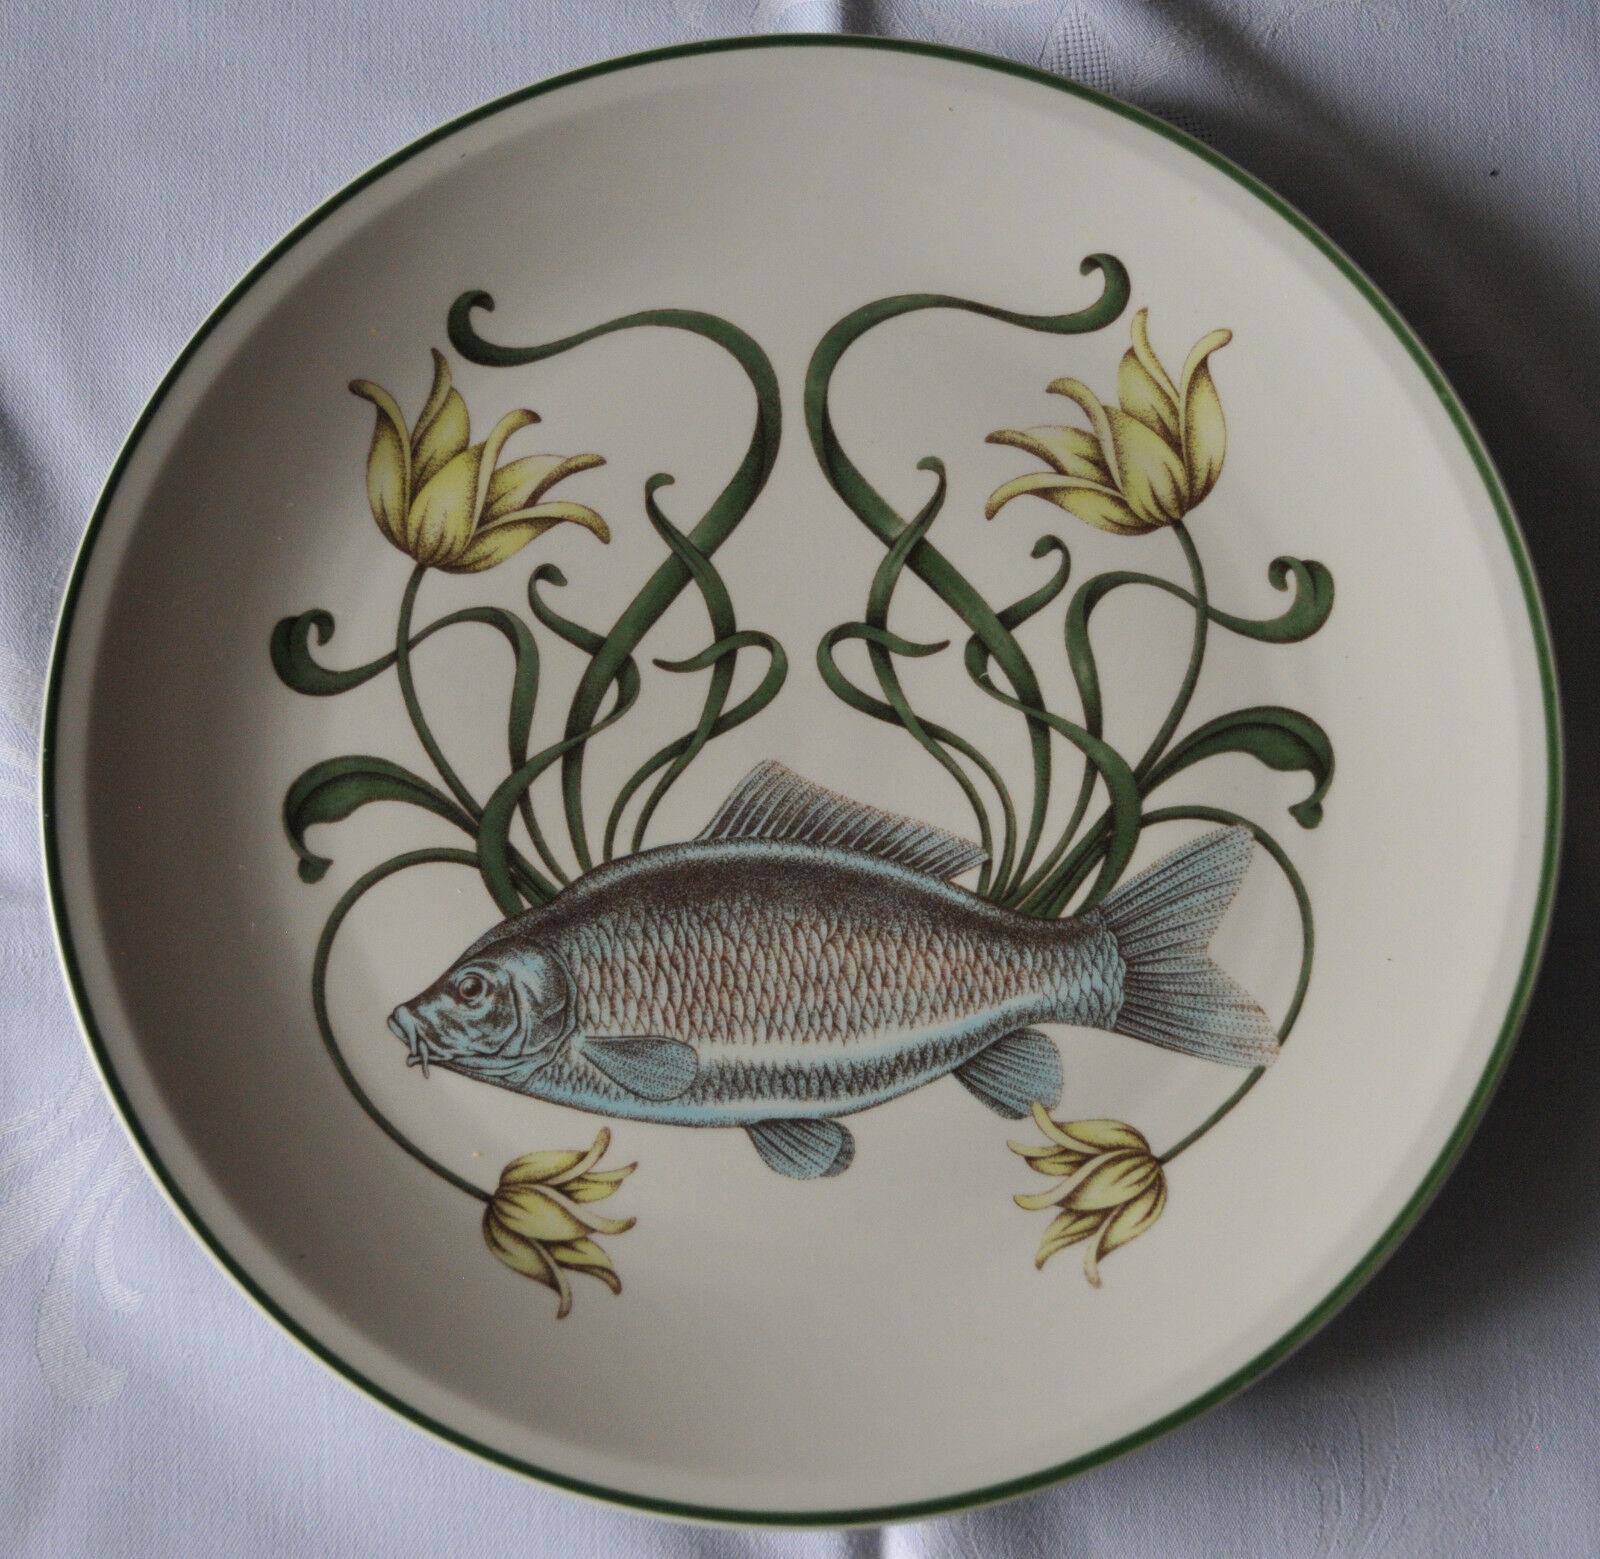 Villeroy & Boch Fisch Service braunidge-Design 9-teilig komplett